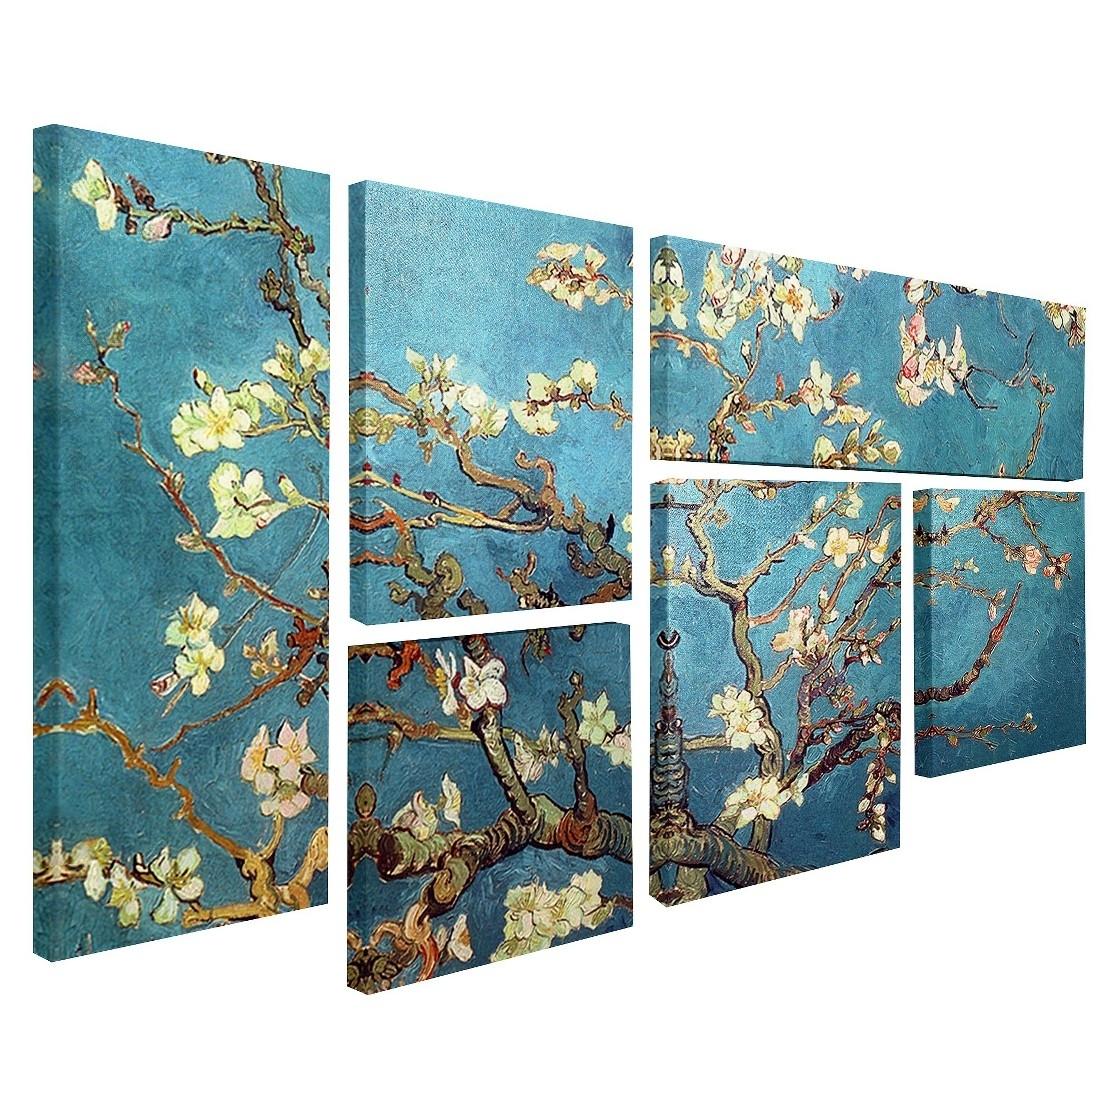 Vincent Van Gogh Multi-Piece Wall Art - 'almond Blossoms', | Van inside Current Vincent Van Gogh Multi-Piece Wall Art